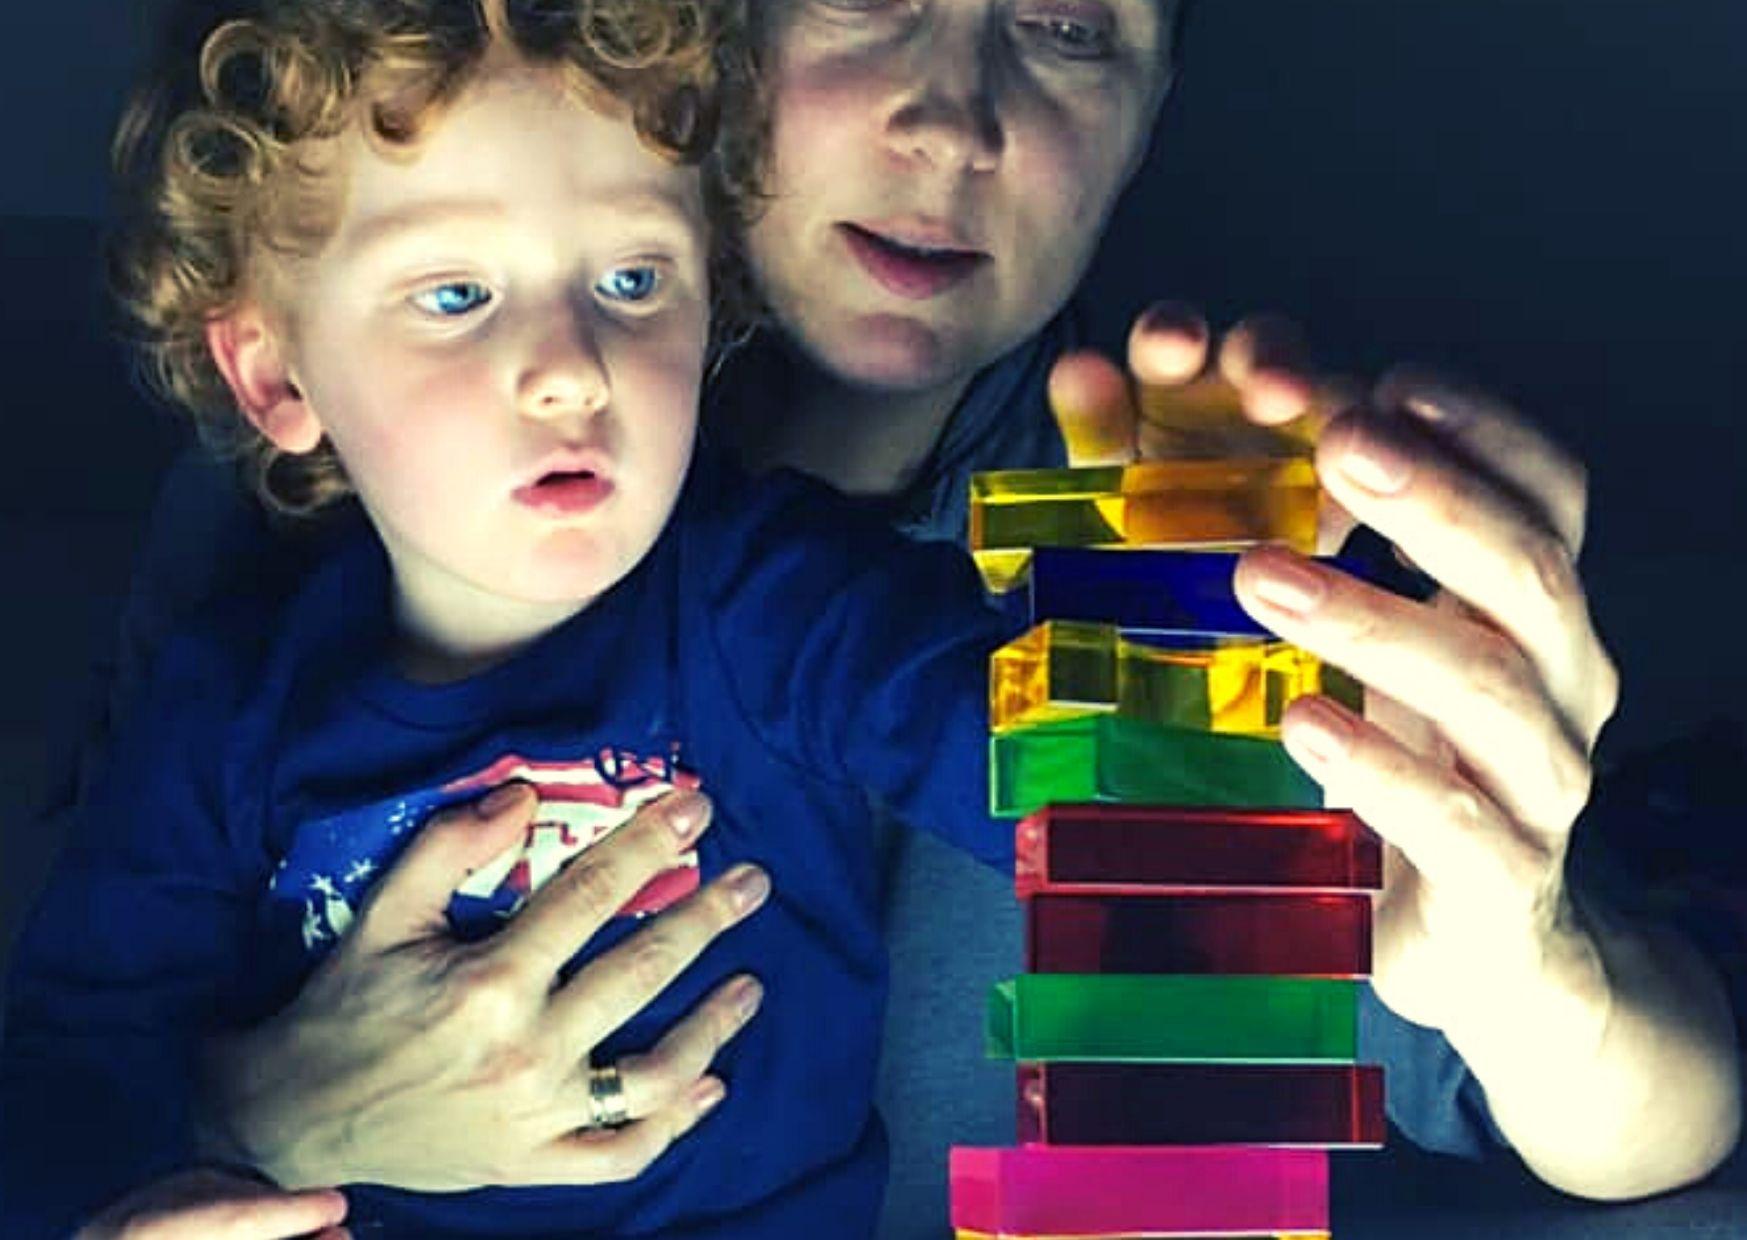 Stymulacja TDCS w ćwiczeniach percepcji wzrokowej na turnusach rehabilitacyjnych dla dzieci.